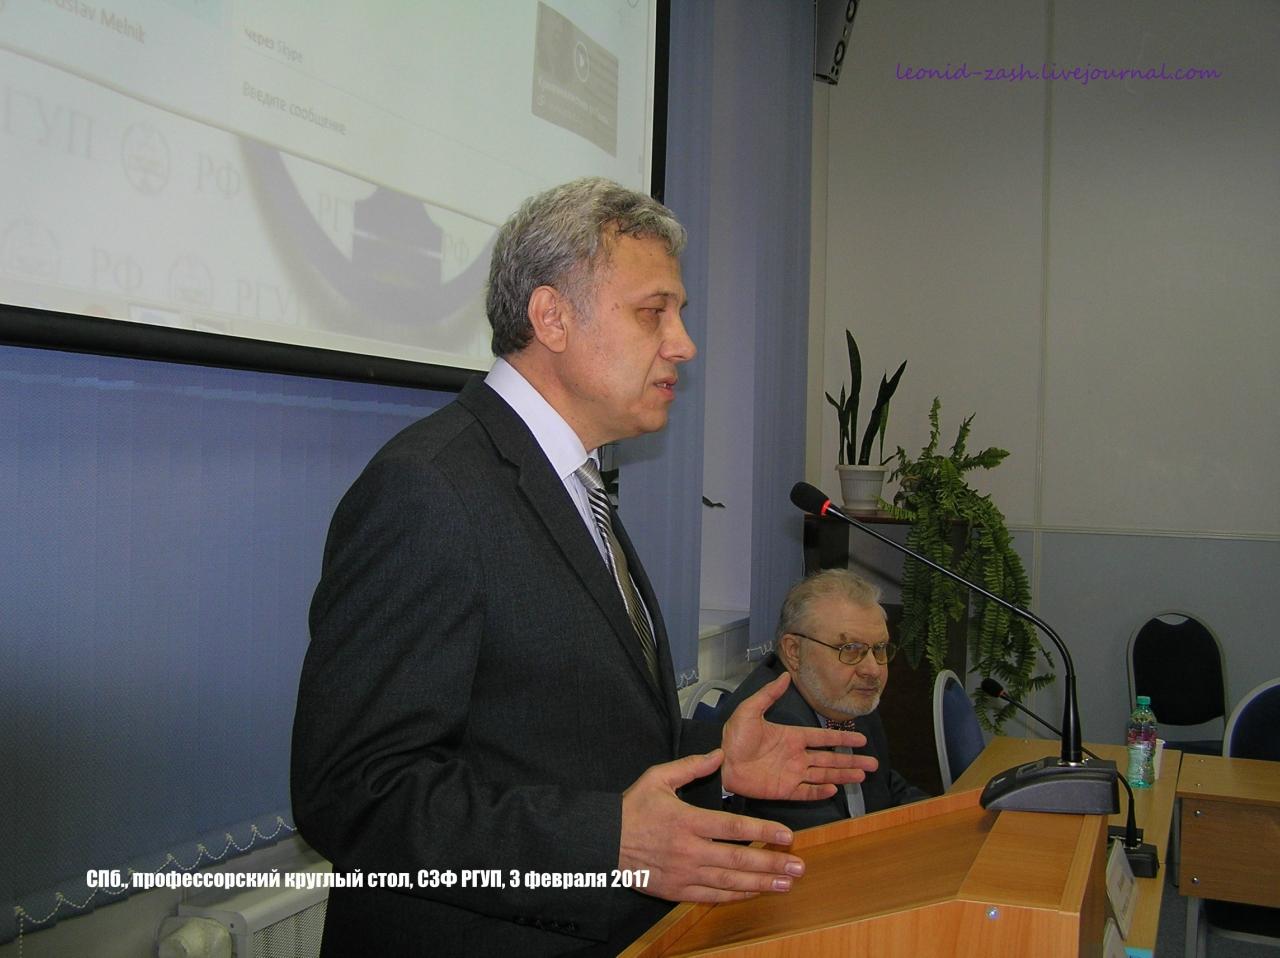 4 СЗФ РГУП профессорский круглый стол 24.JPG